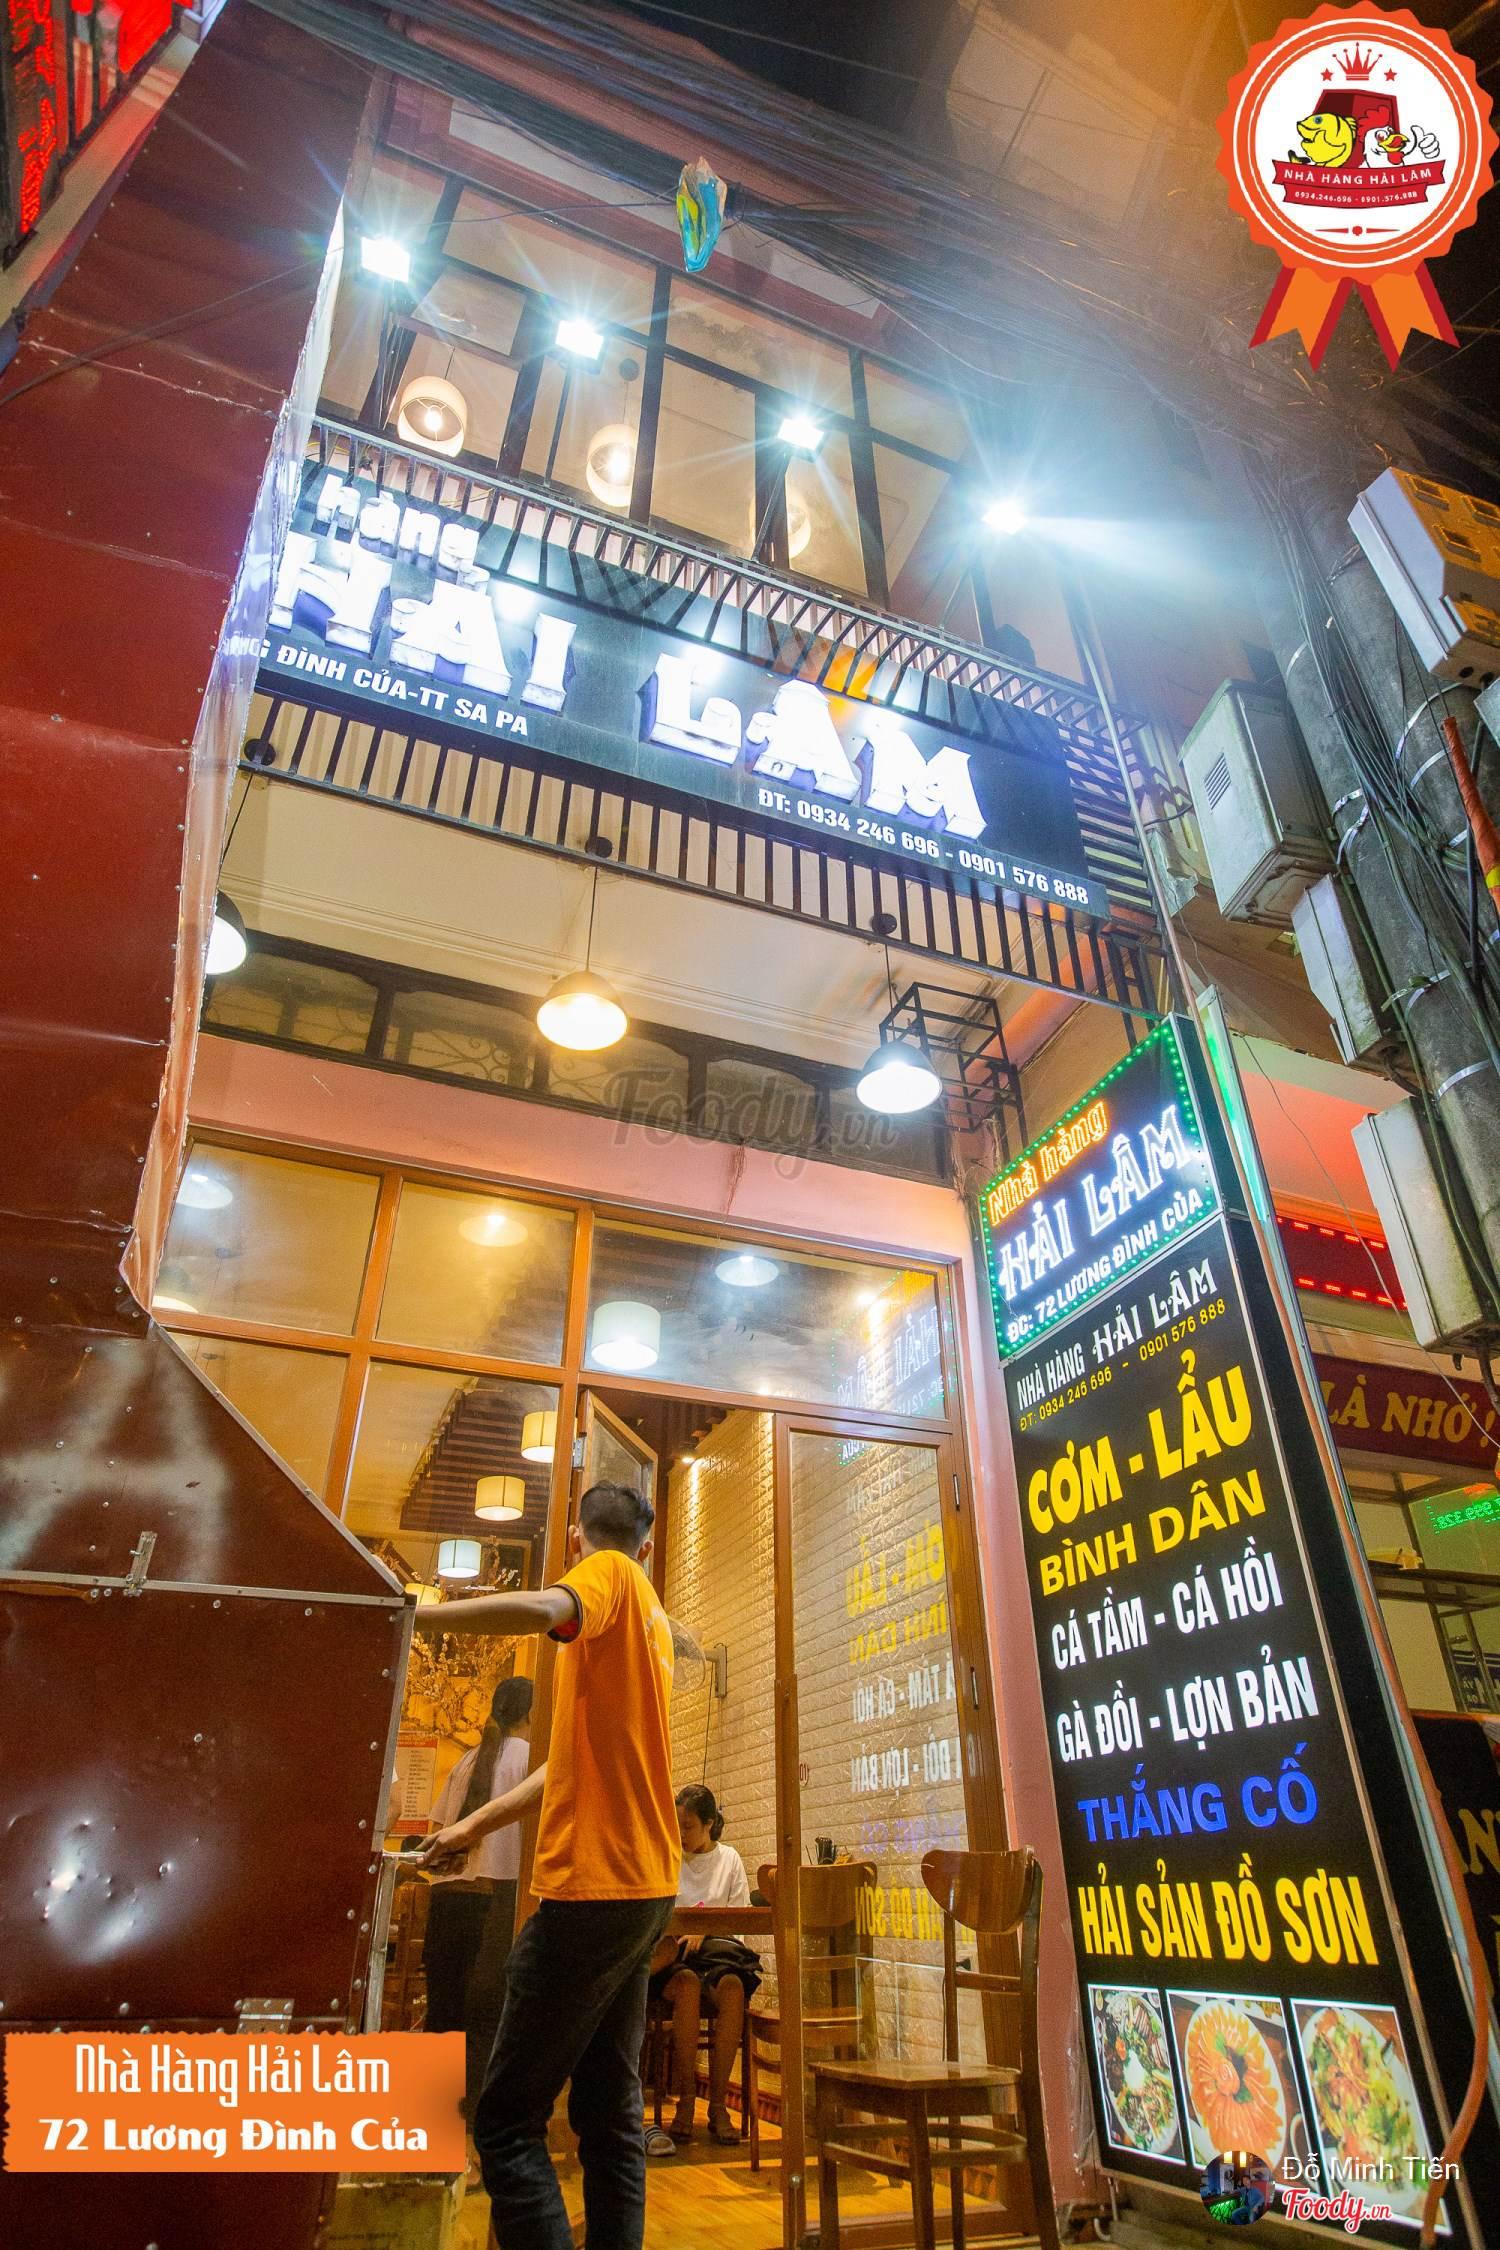 Khám phá những nhà hàng ở Sapa được hội sành ăn 'review' nhiều nhất  - Ảnh 4.